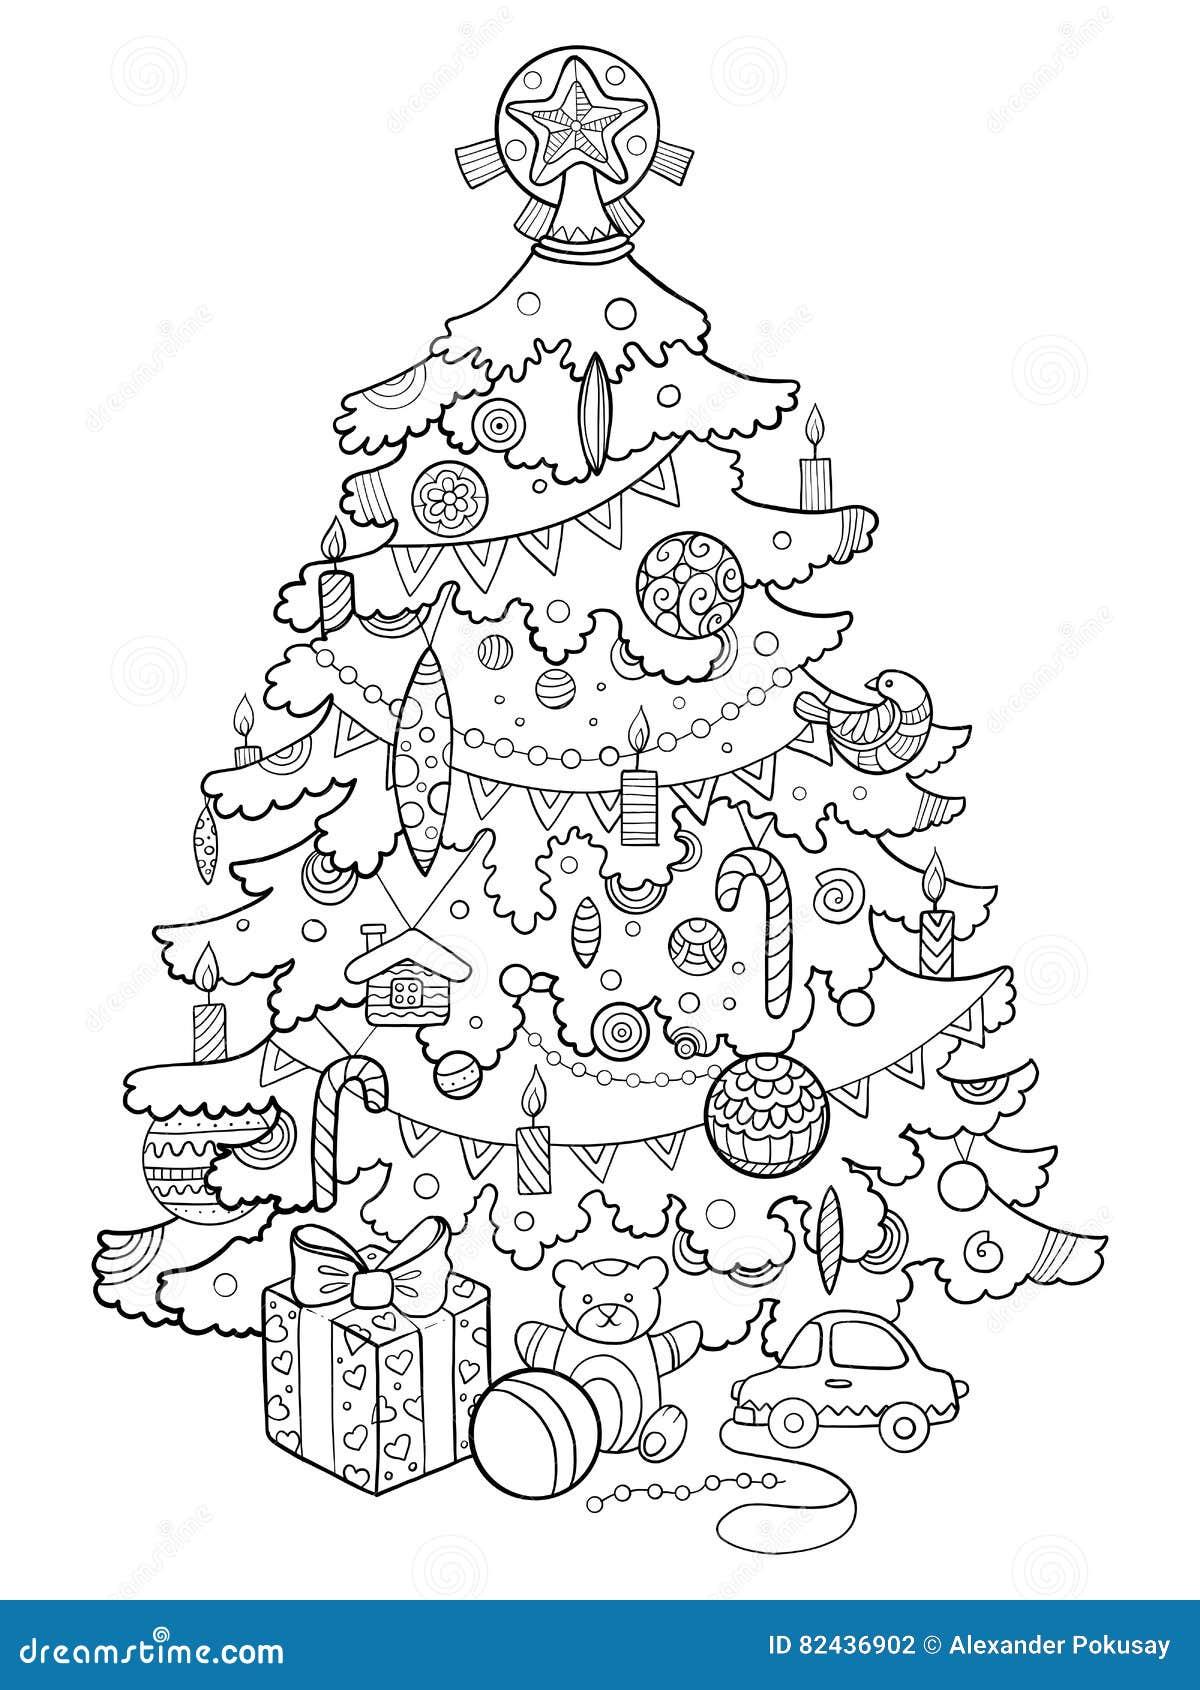 Immagini Dell Albero Di Natale Da Colorare.Vettore Del Libro Da Colorare Del Fumetto Dell Albero Di